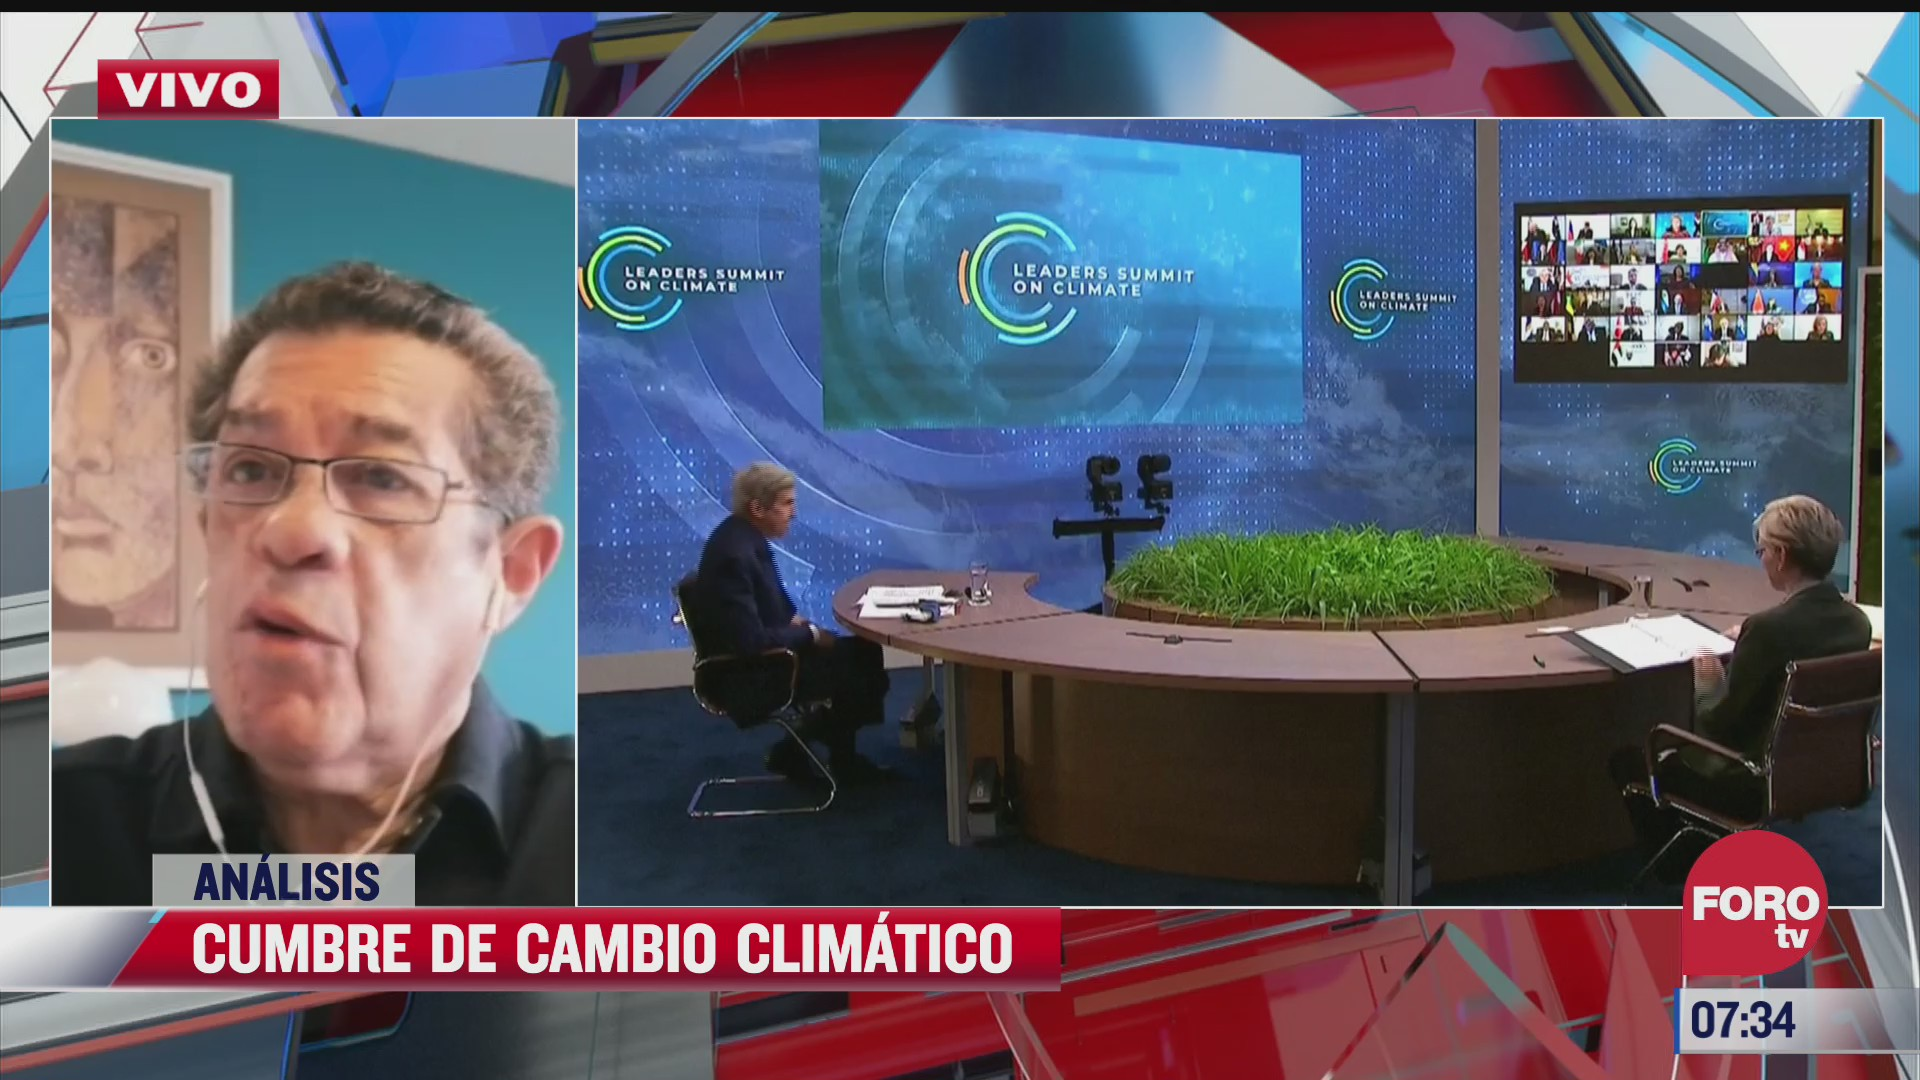 cumbre de cambio climatico el analisis en estrictamente personal